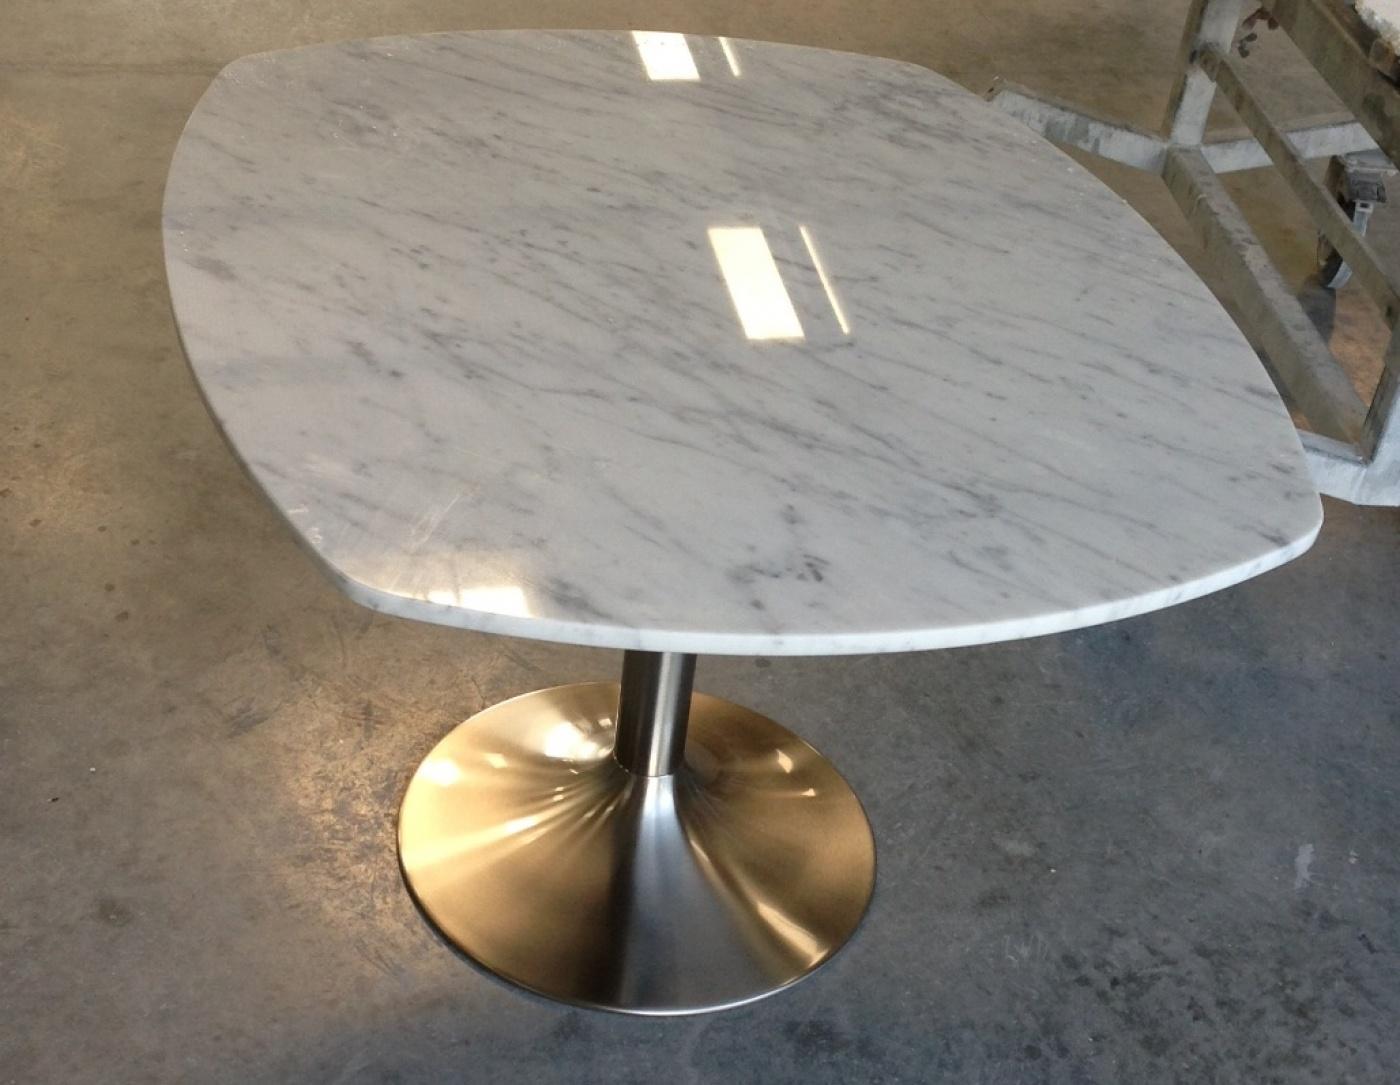 Table Bianco Carrara sur pied alu brossé Approsine Bristot 56